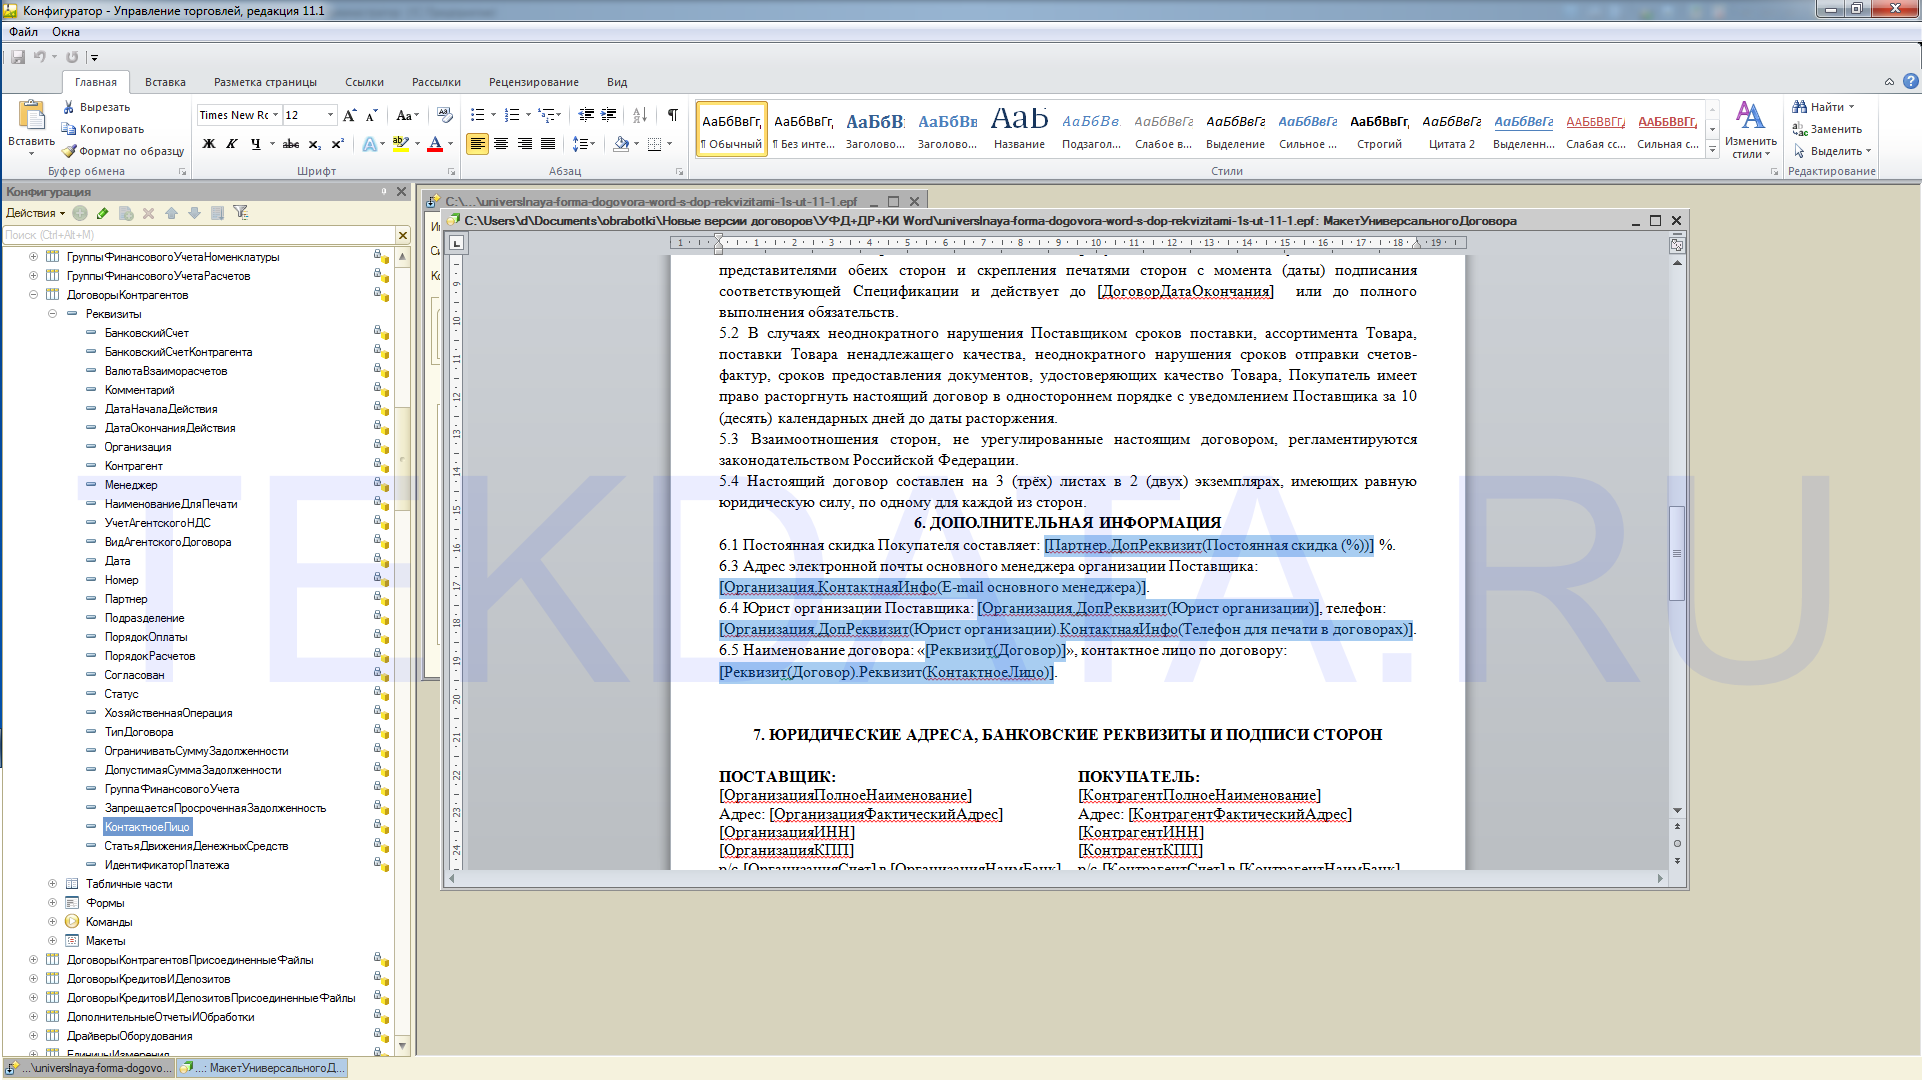 Универсальная печатная форма договора в формате Word для 1С:УТ 11.1 (внешняя обработка *.epf) | tekdata.ru